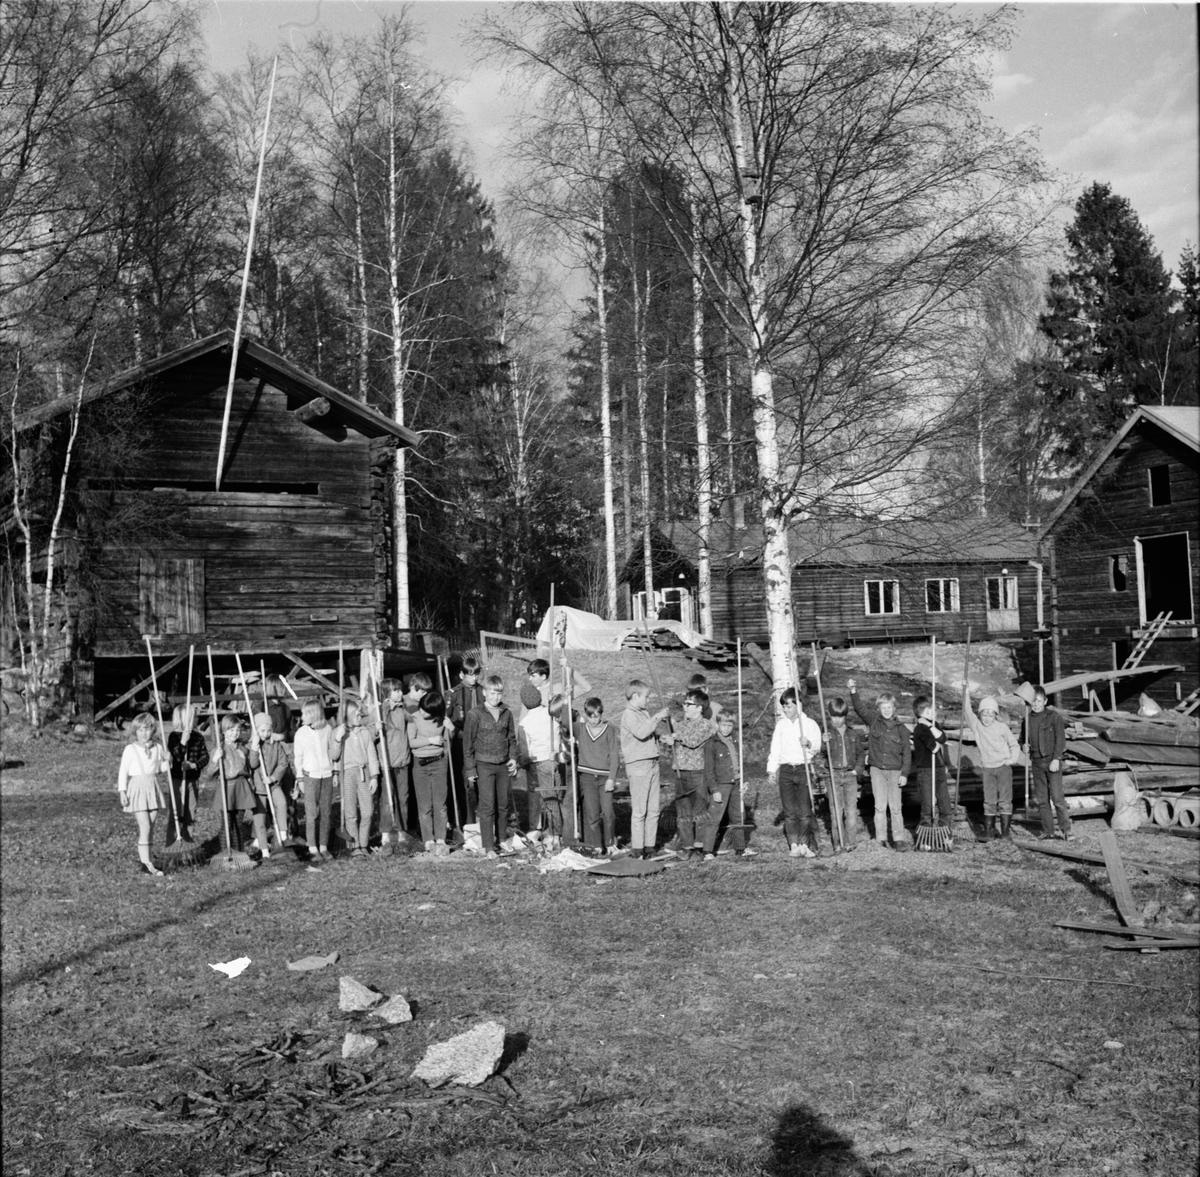 Arbrå, Scouterna räfsar vid Fornhemmet, Mars 1969